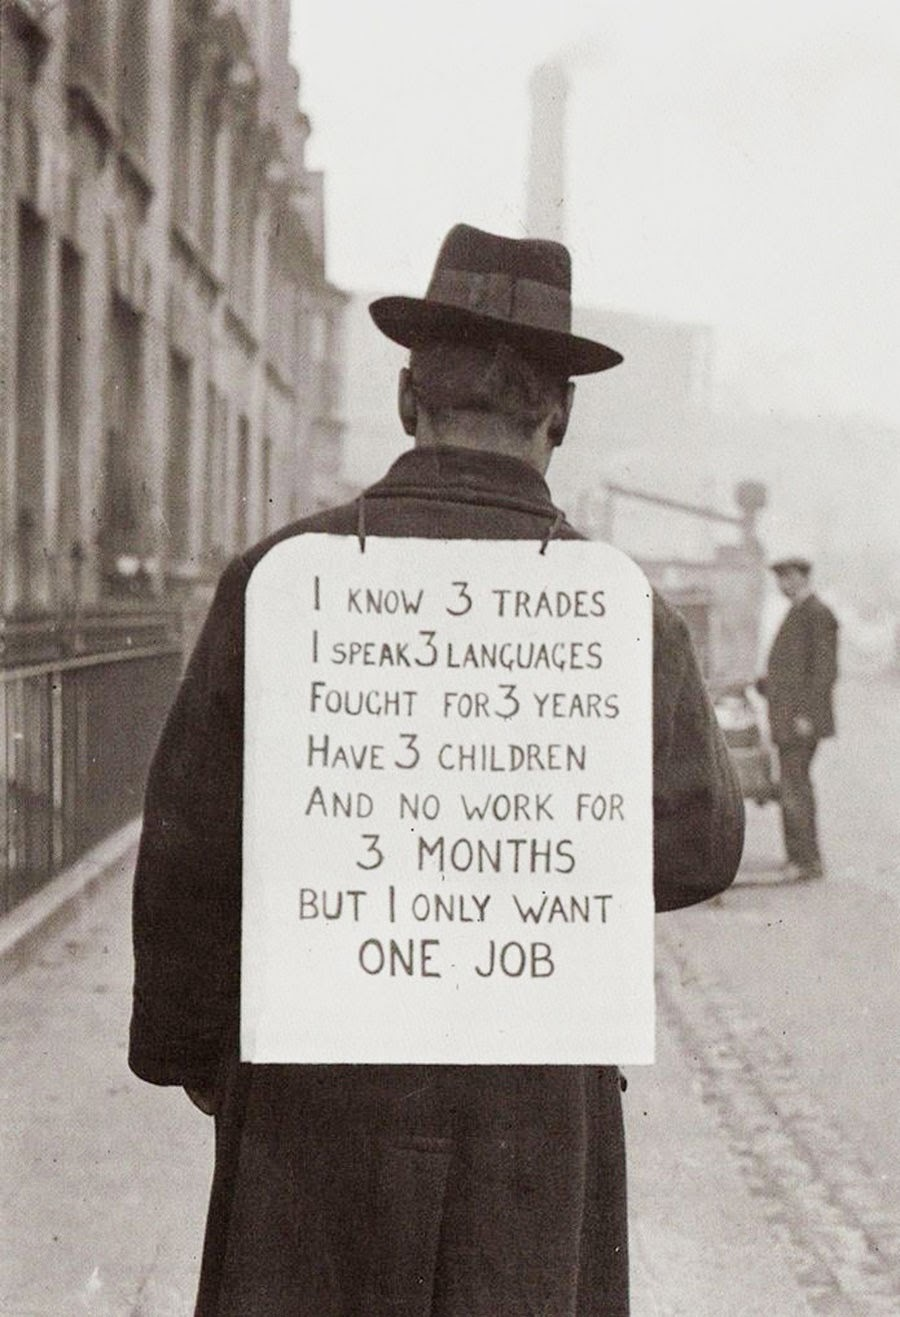 Надпись на плакате: «Я знаю три ремесла, разговариваю на трех языках, воевал три года, имею трех детей и ничего не делаю уже три месяца. Все что мне нужно — это одна работа».